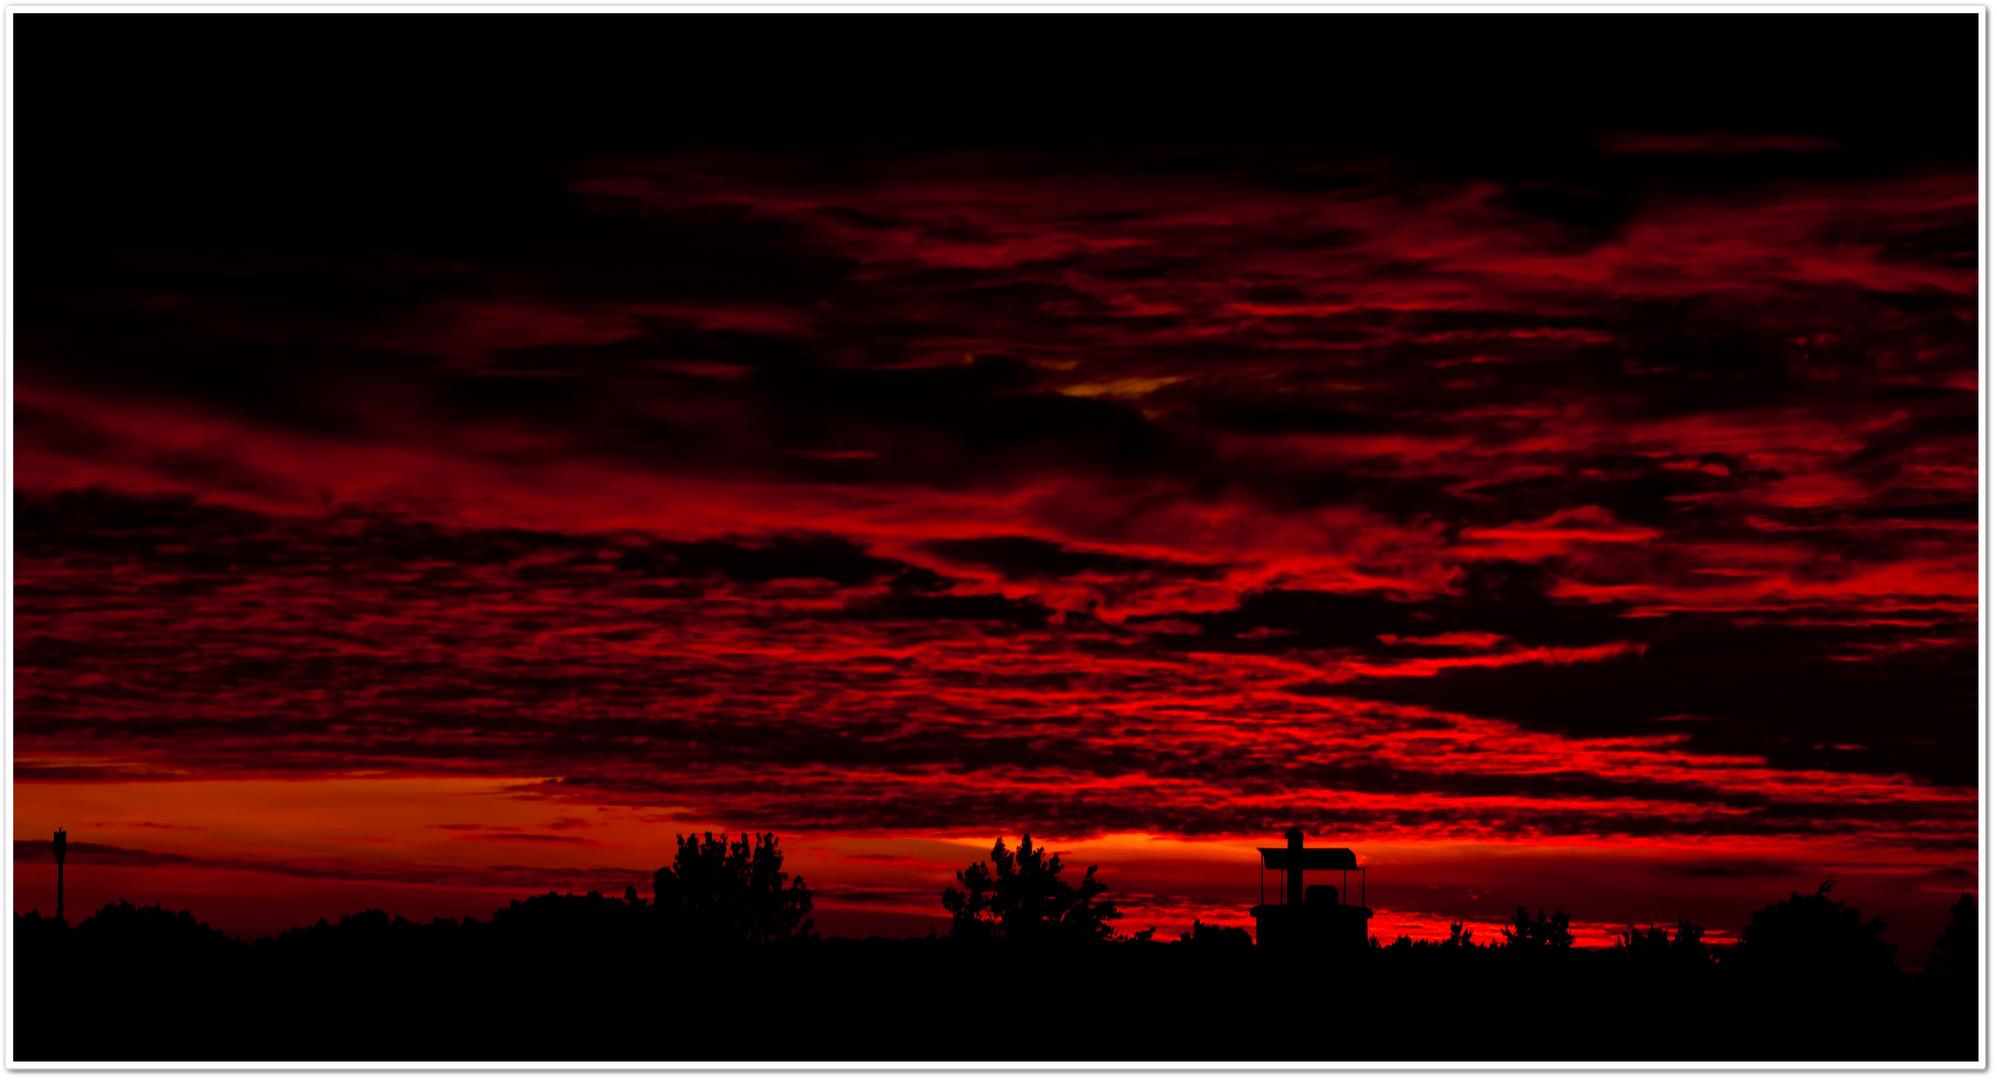 Sonnen- oder Weltuntergang?!?